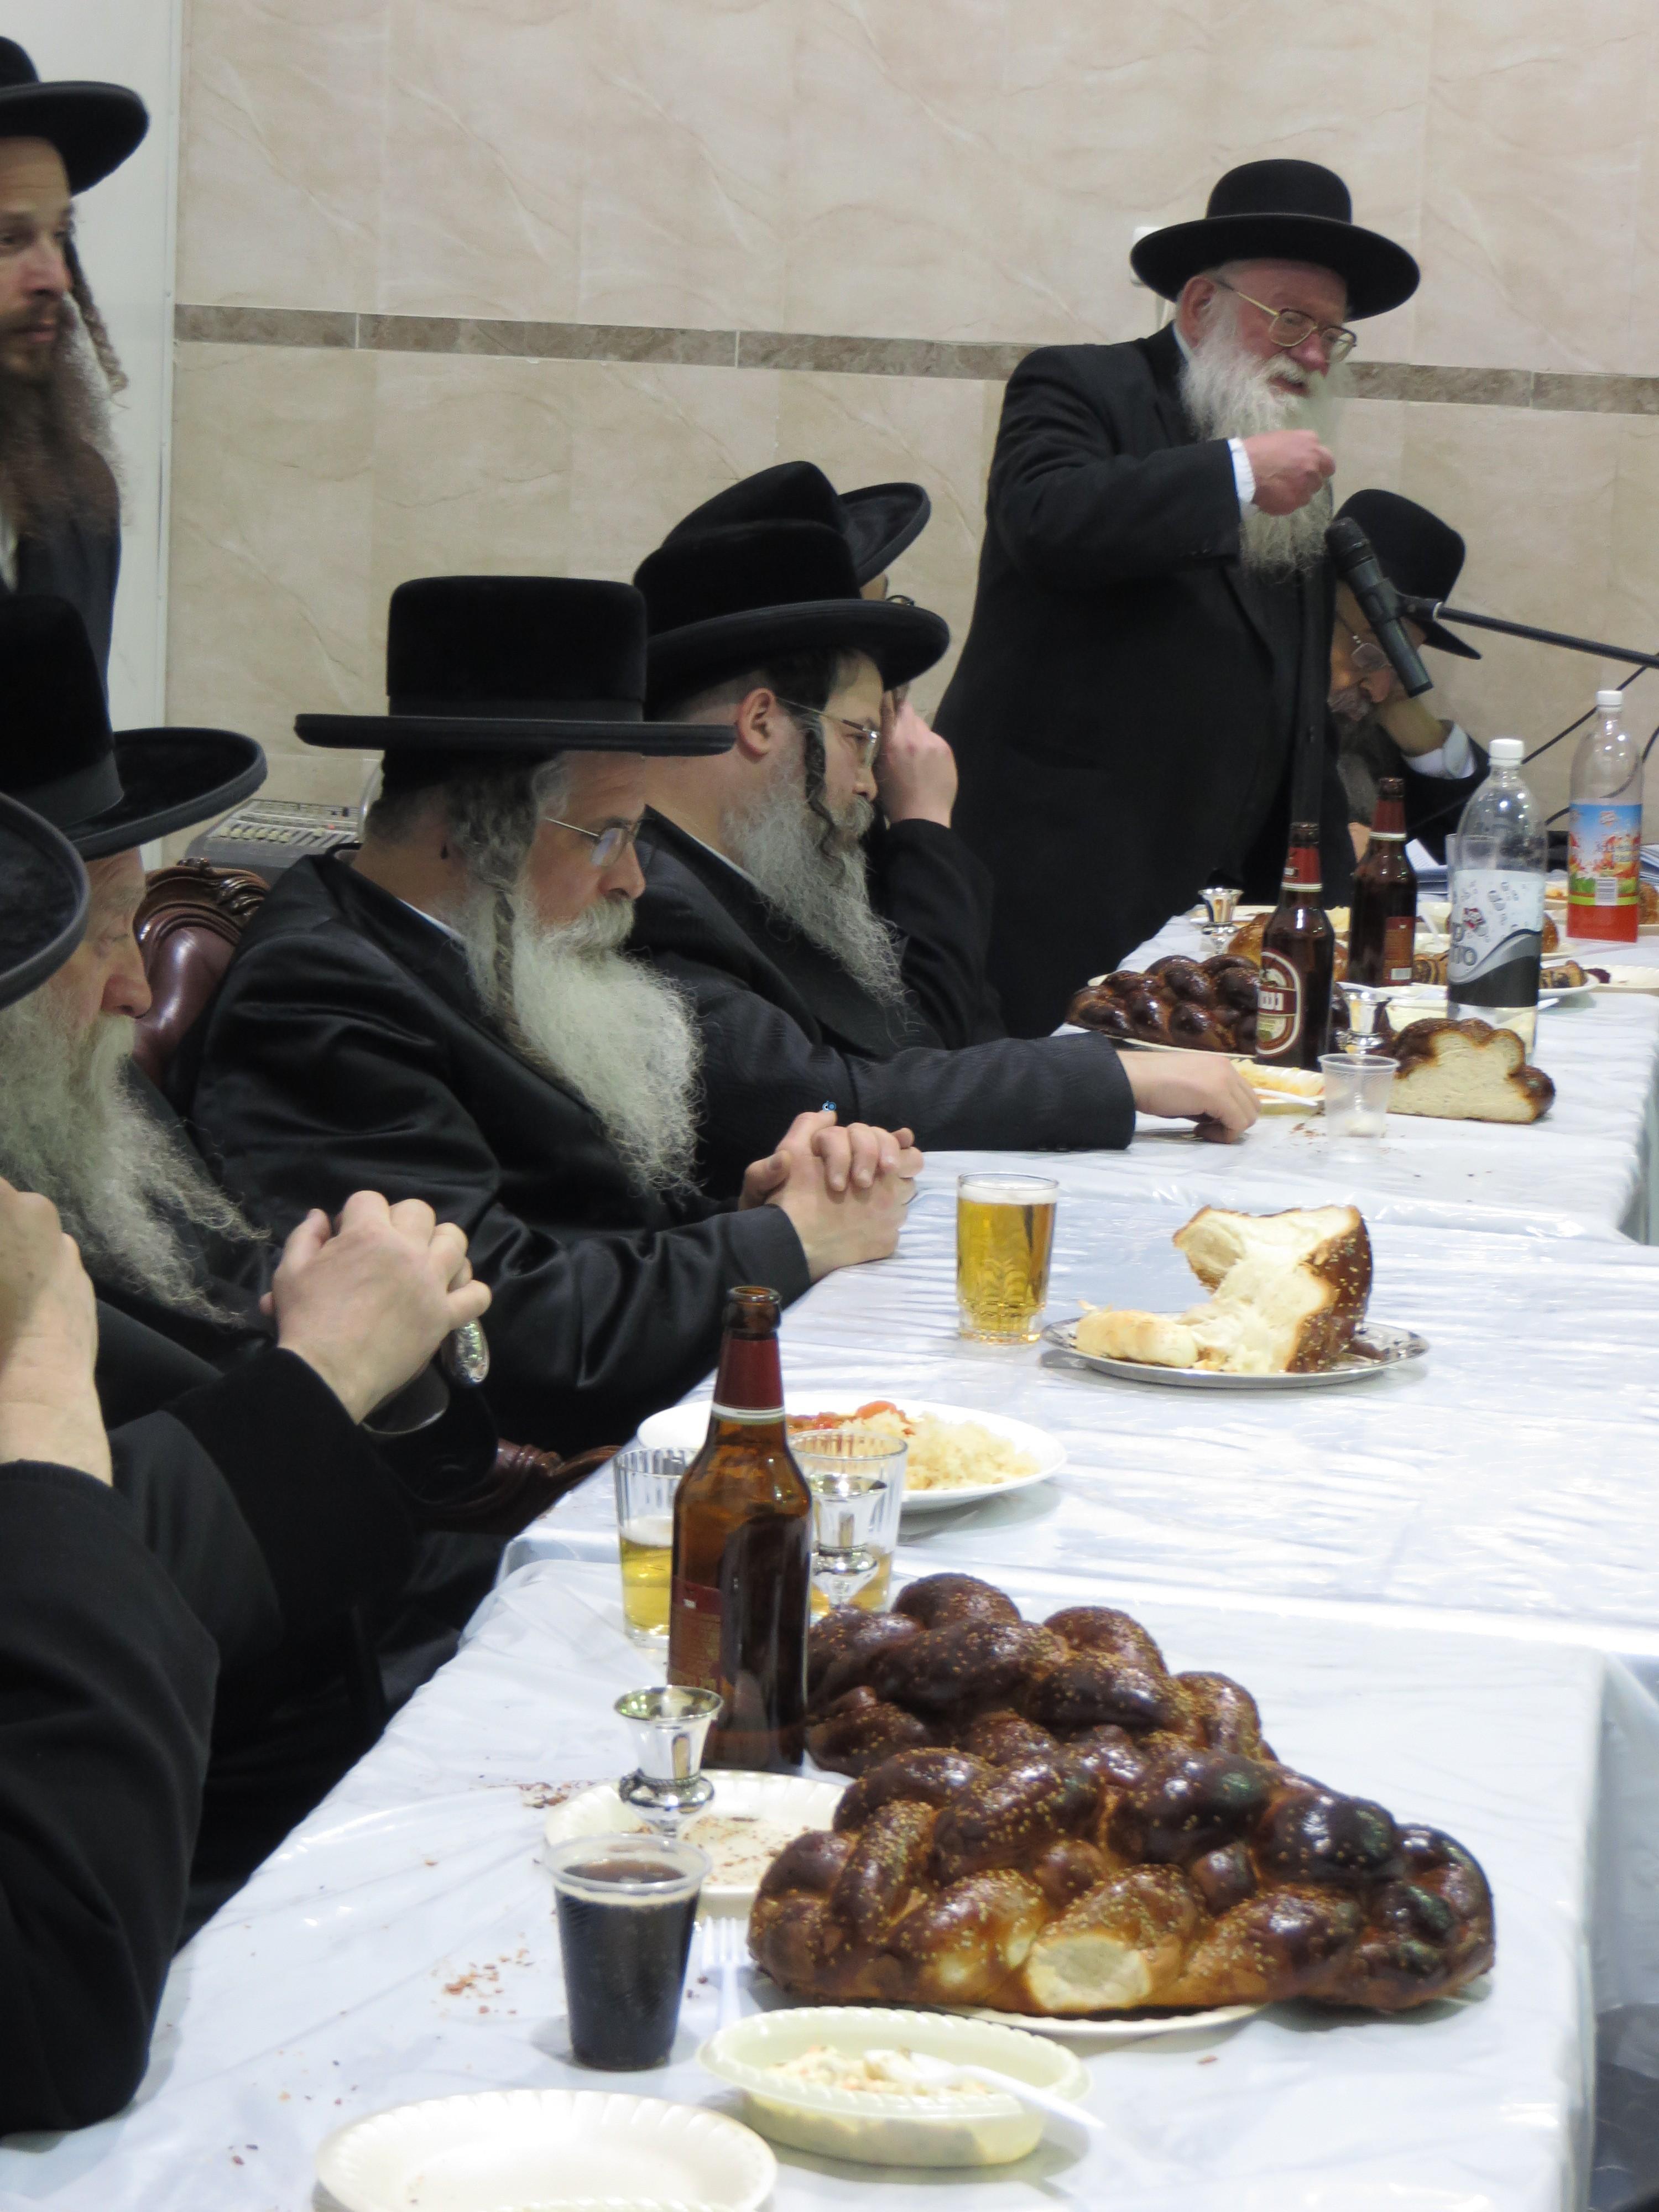 נדבורנא ירושלים בהילולת אביו צילם מוטי (1)